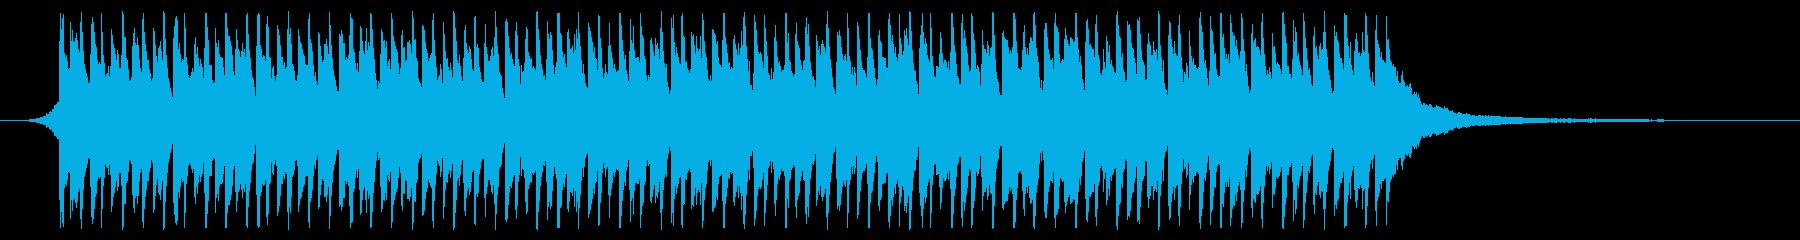 サビのみver 青空 ポジティブ ピアノの再生済みの波形